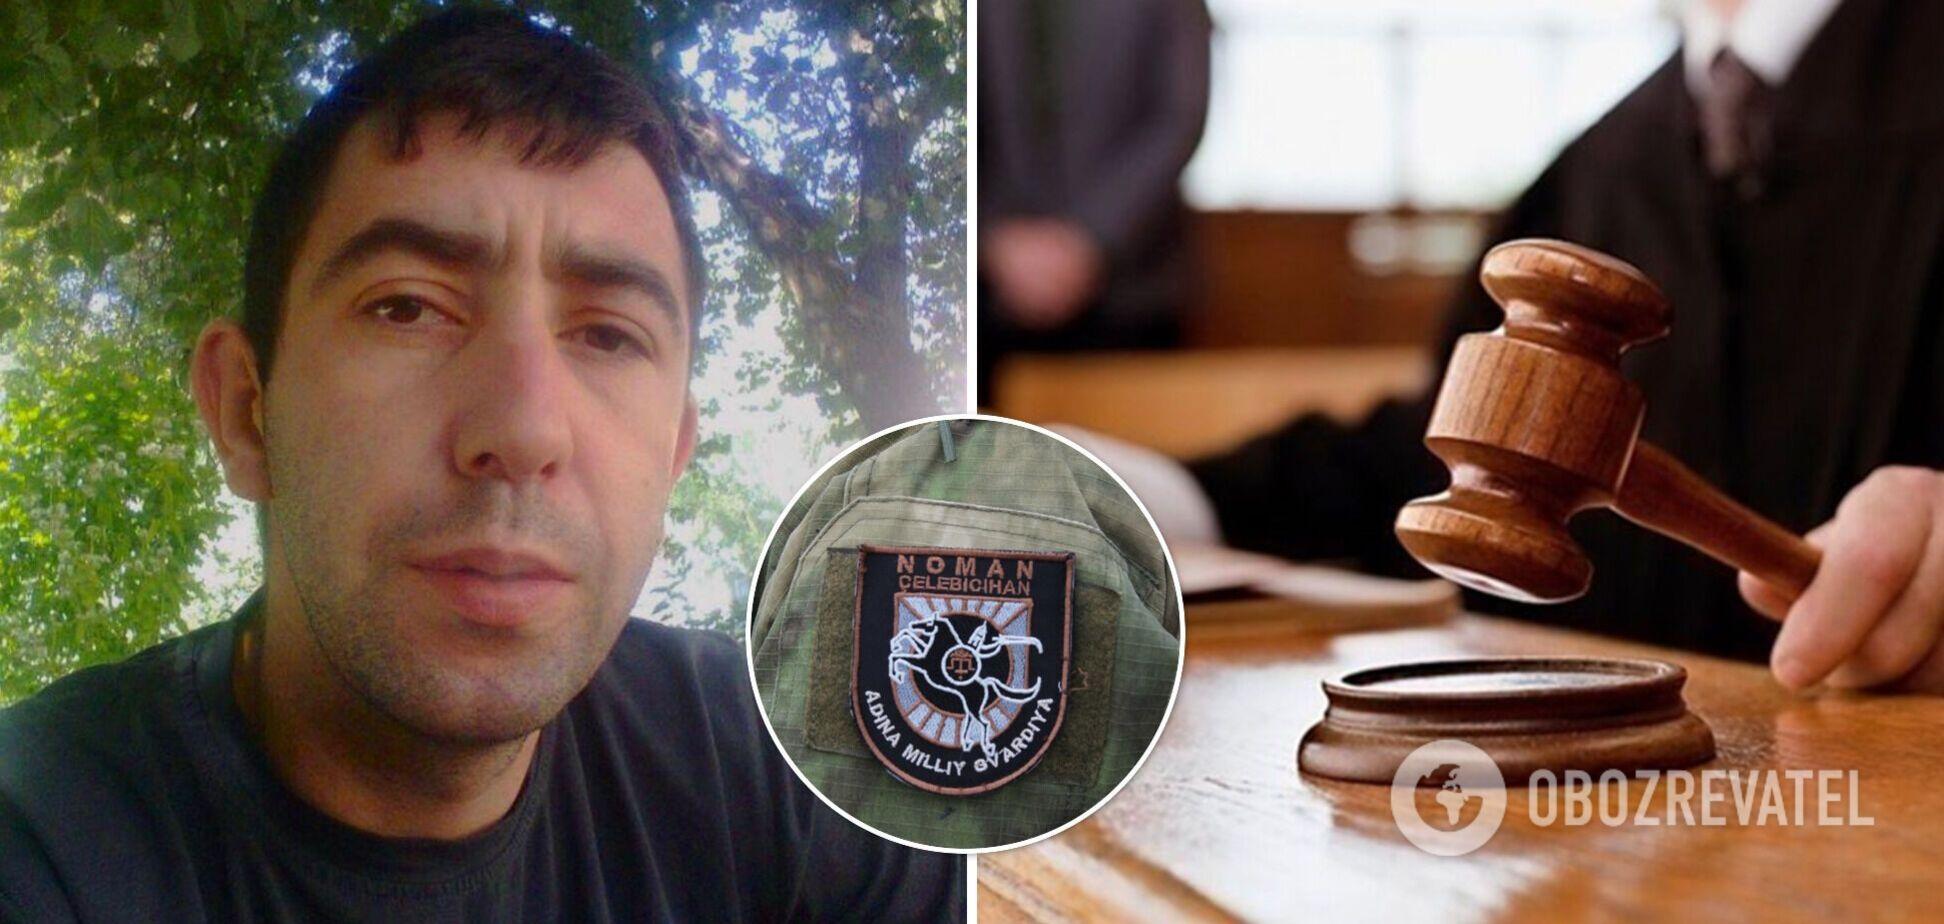 У Криму засудили до колонії кримчанина за участь у 'незаконному' добробаті